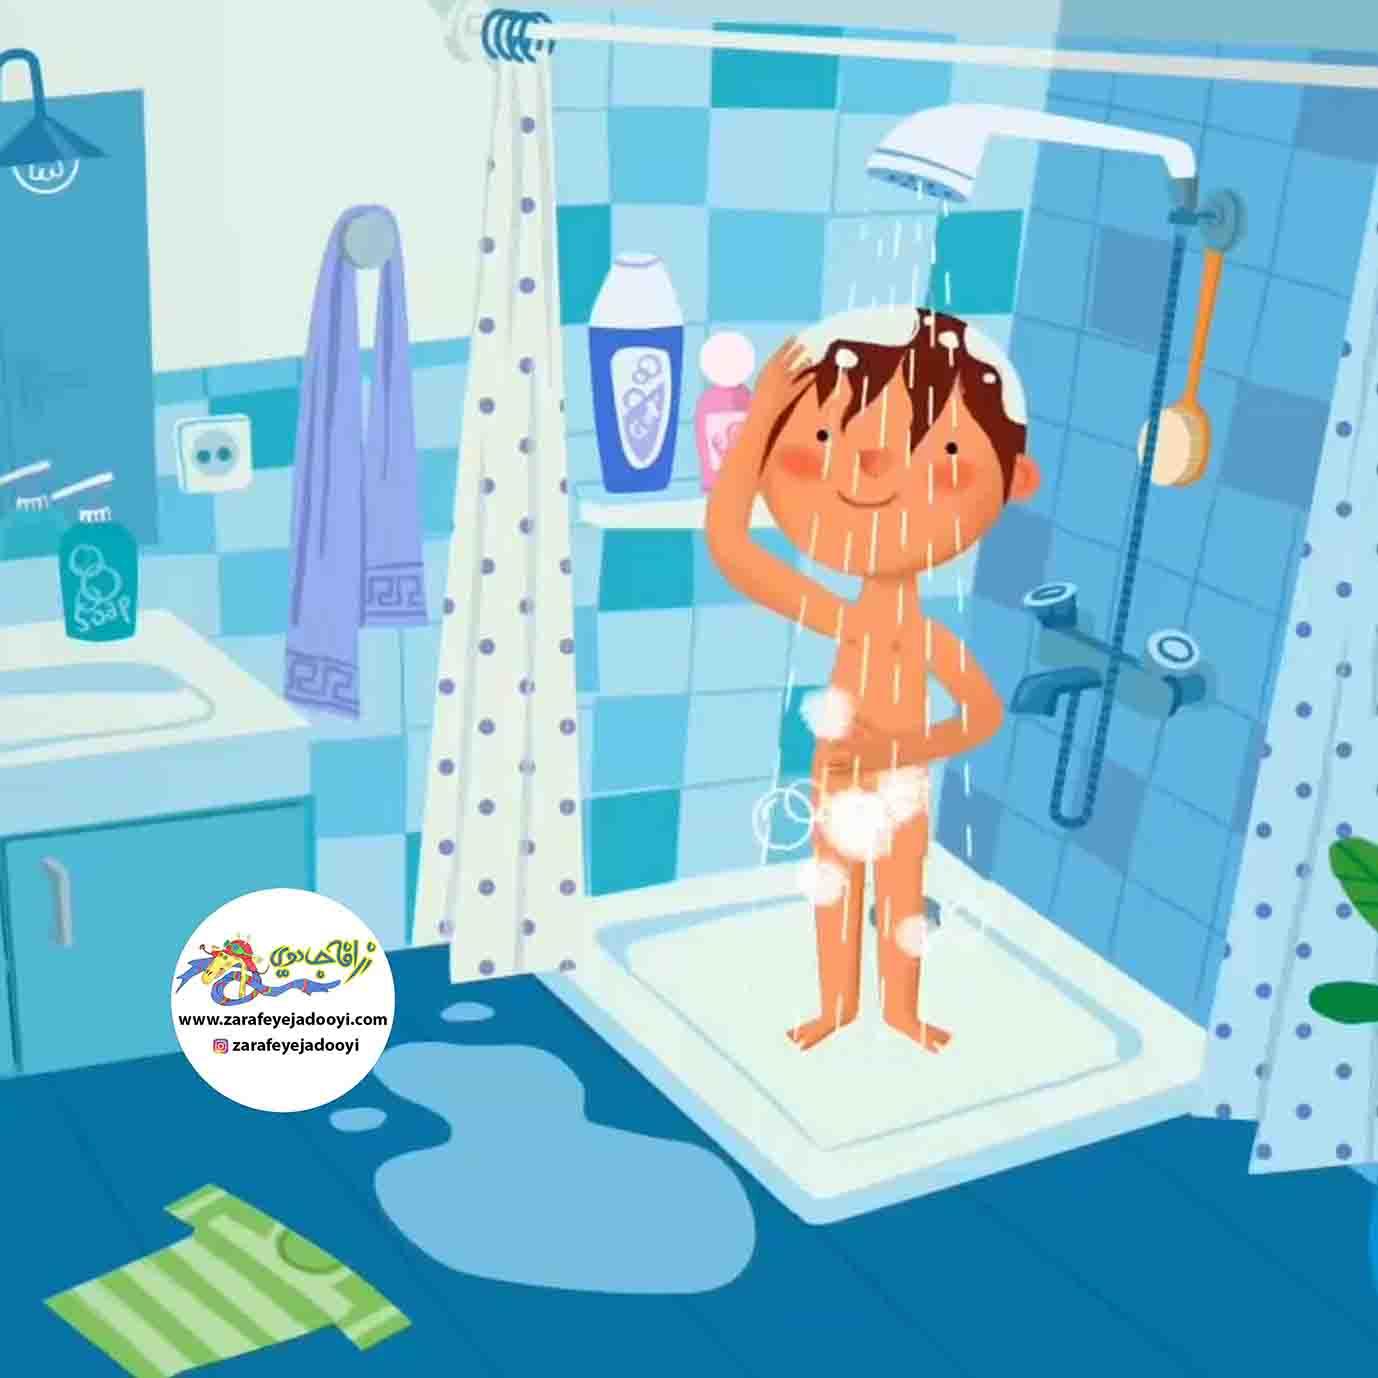 زرافه جادویی - لیز خوردن در حمام